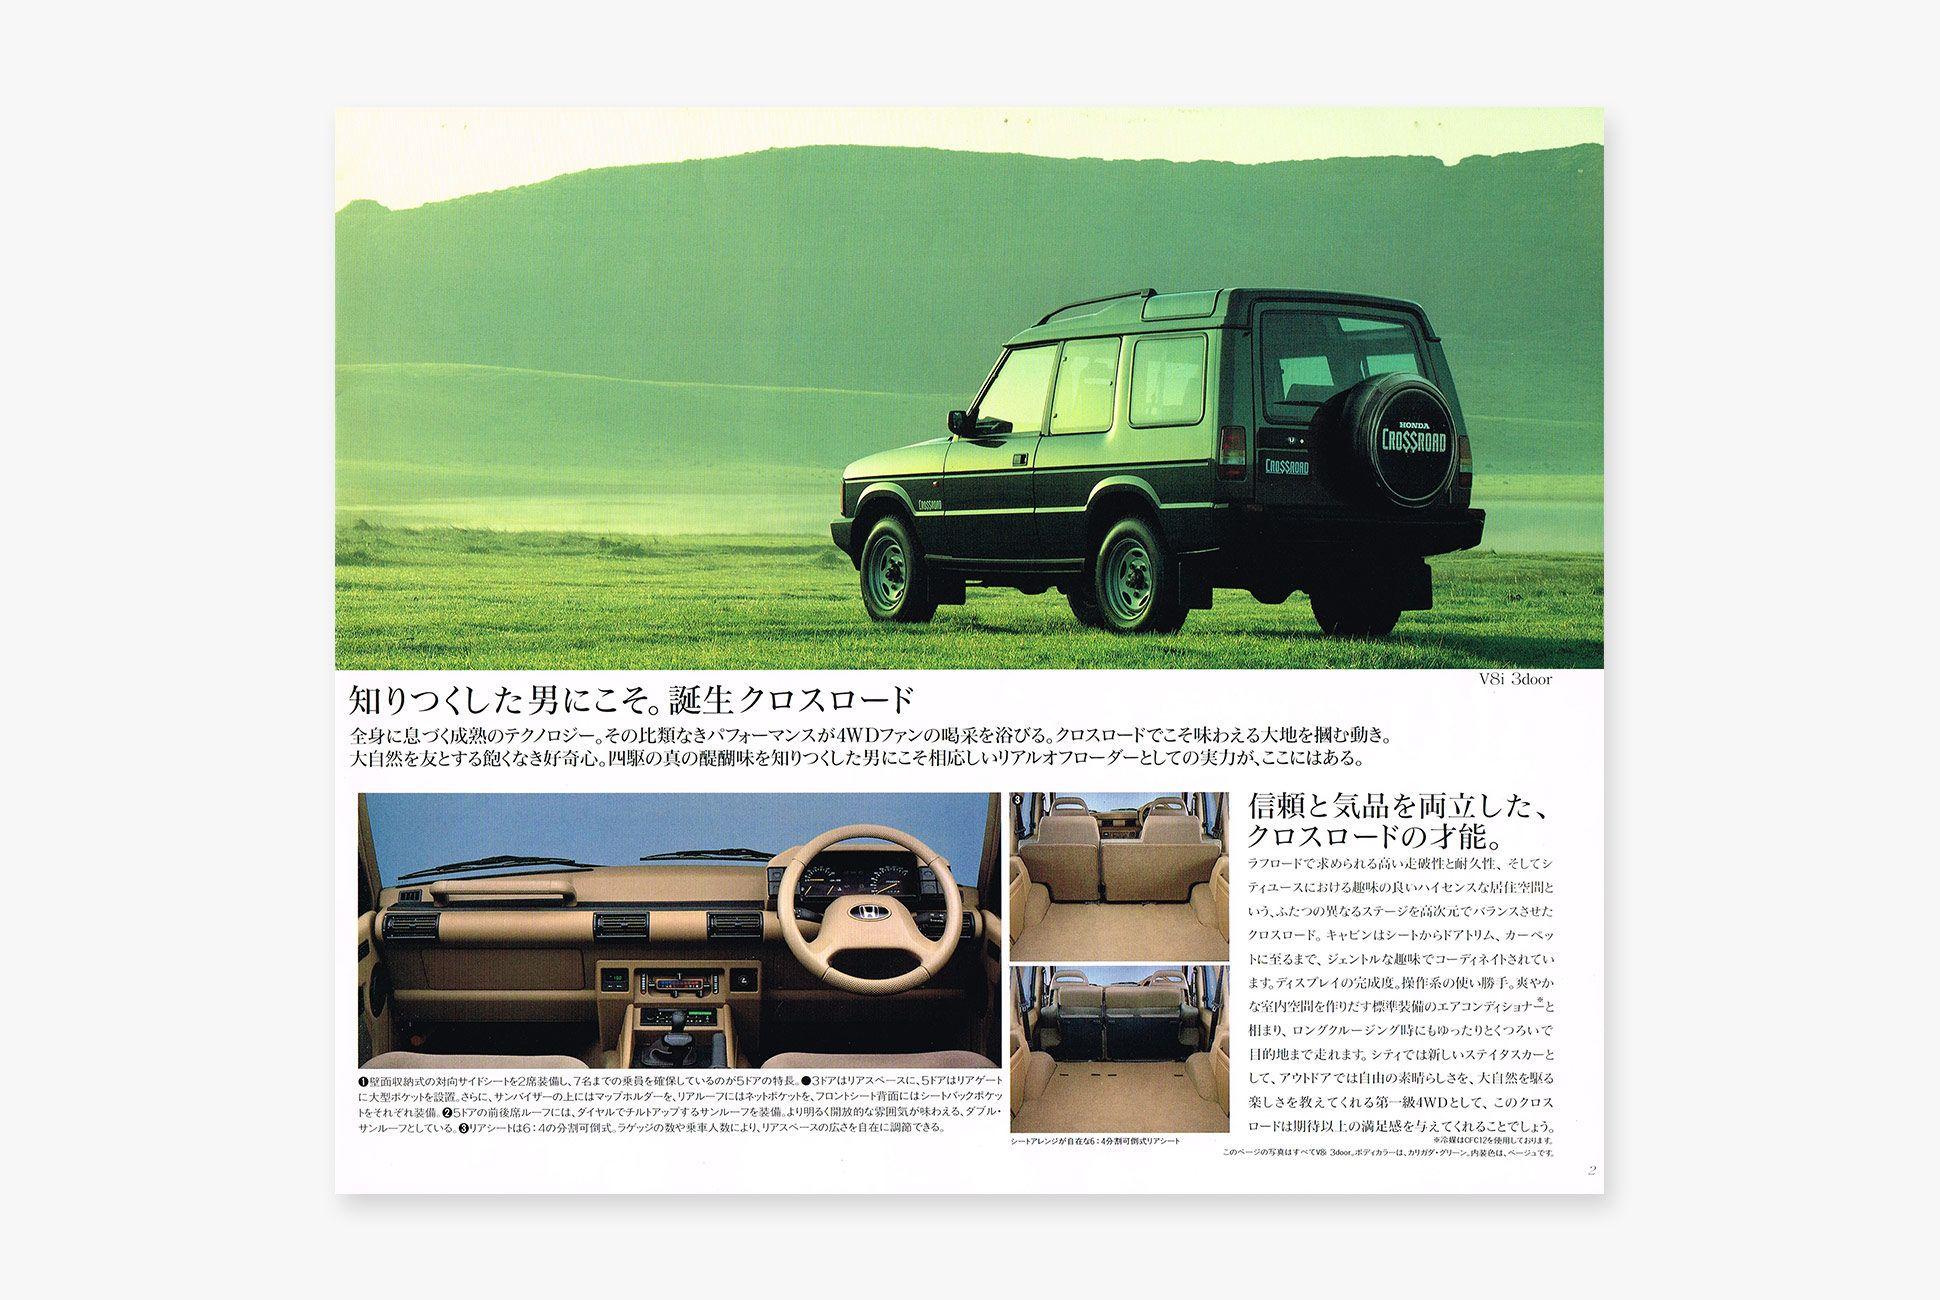 Honda-Crossroad-Land-Rover-gear-patrol-slide-4